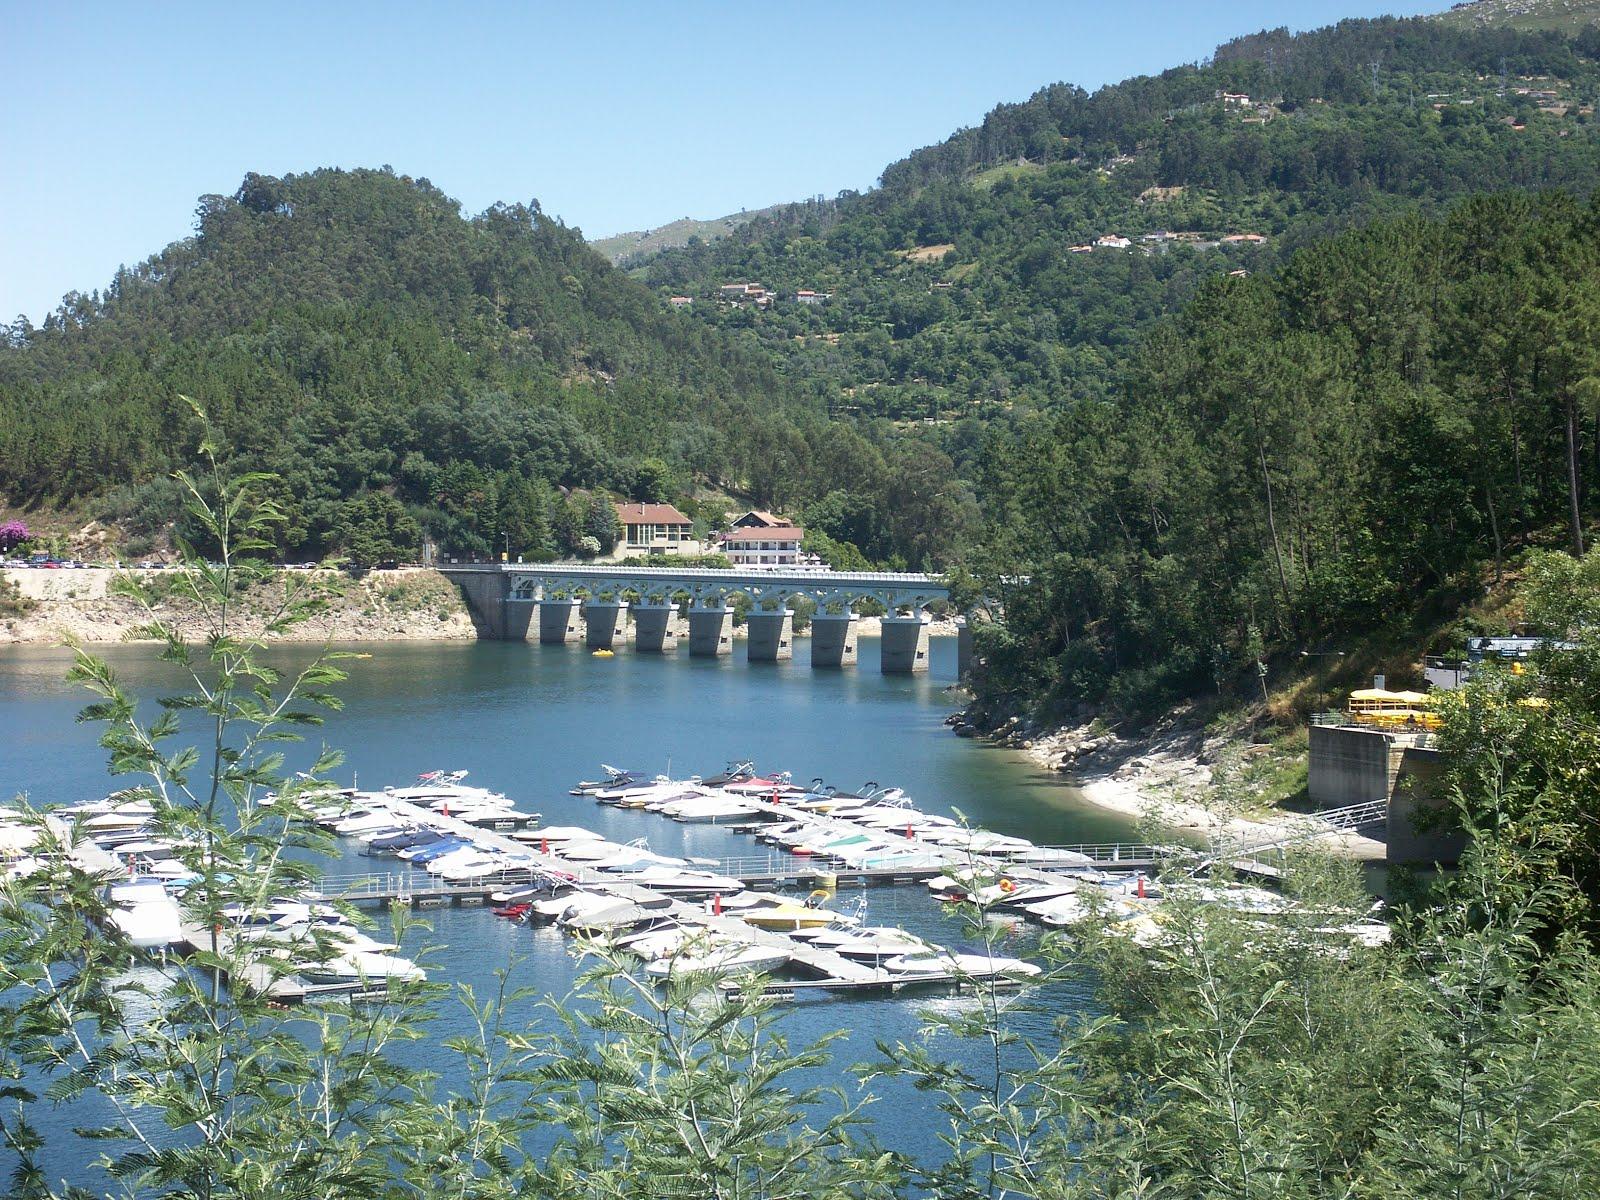 Marina de Rio Caldo